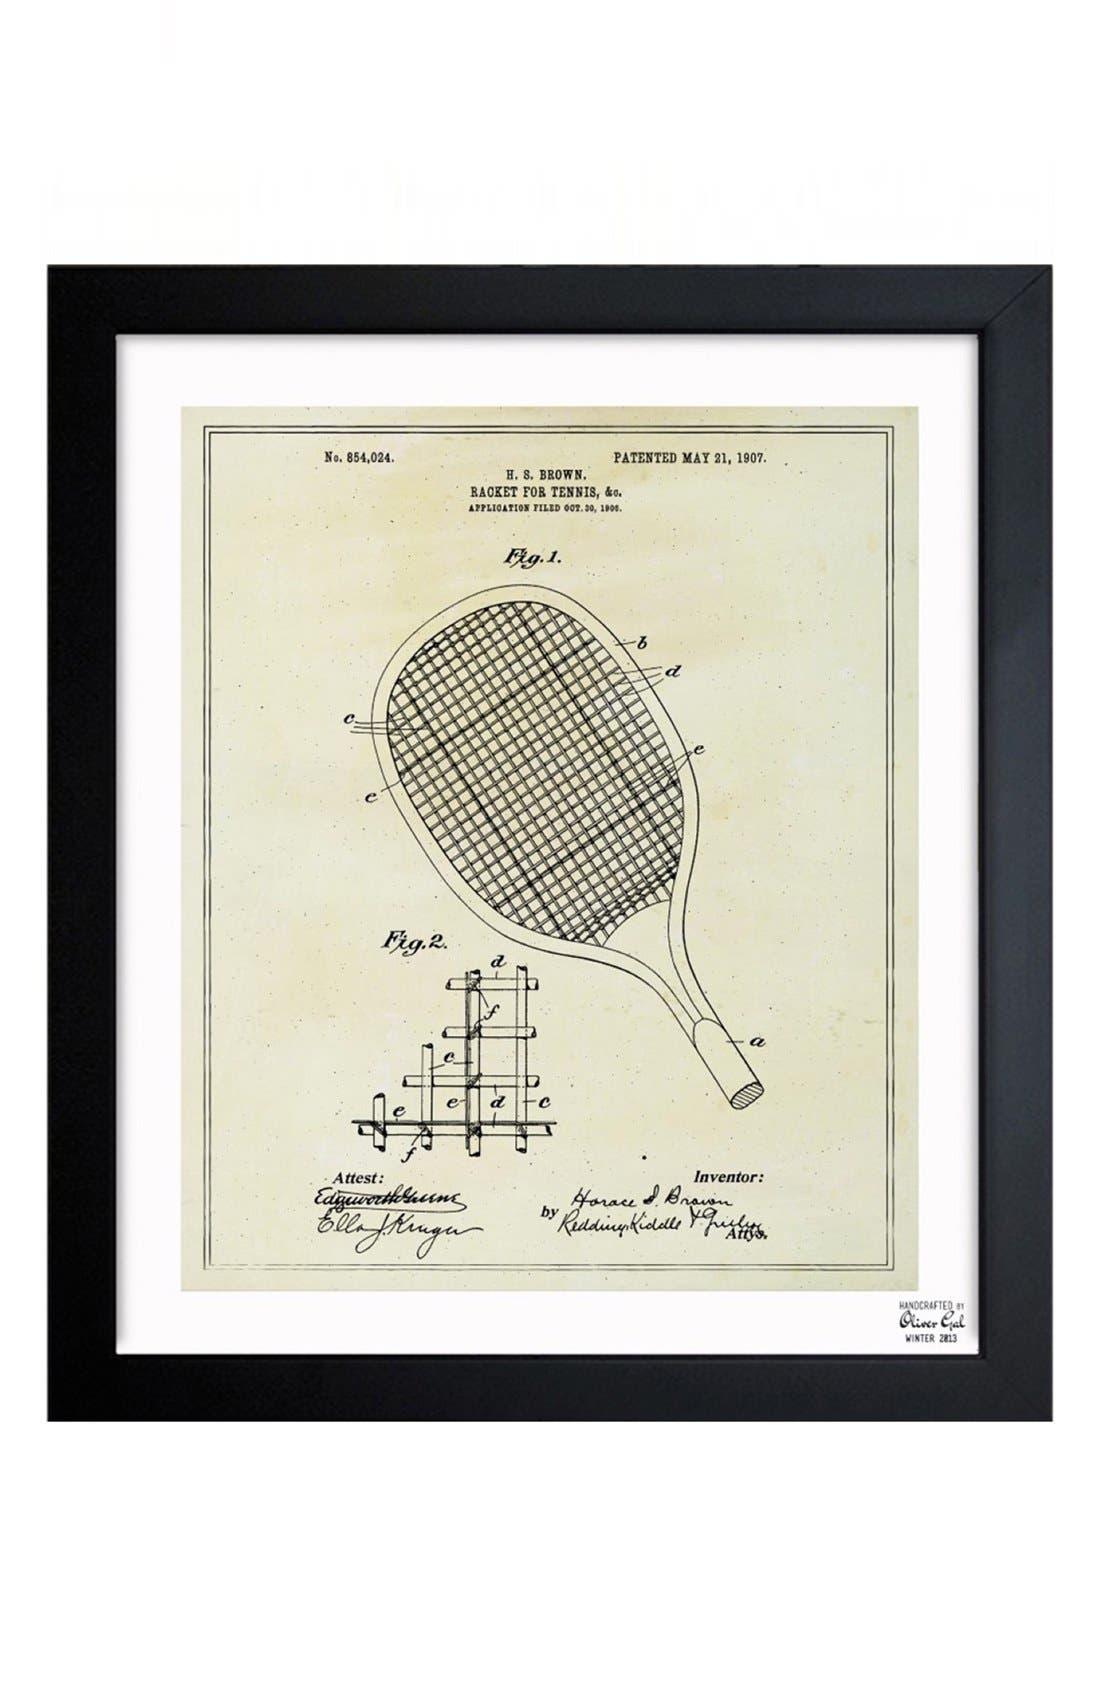 Alternate Image 1 Selected - Oliver Gal 'Tennis Racket Blueprint' Framed Print